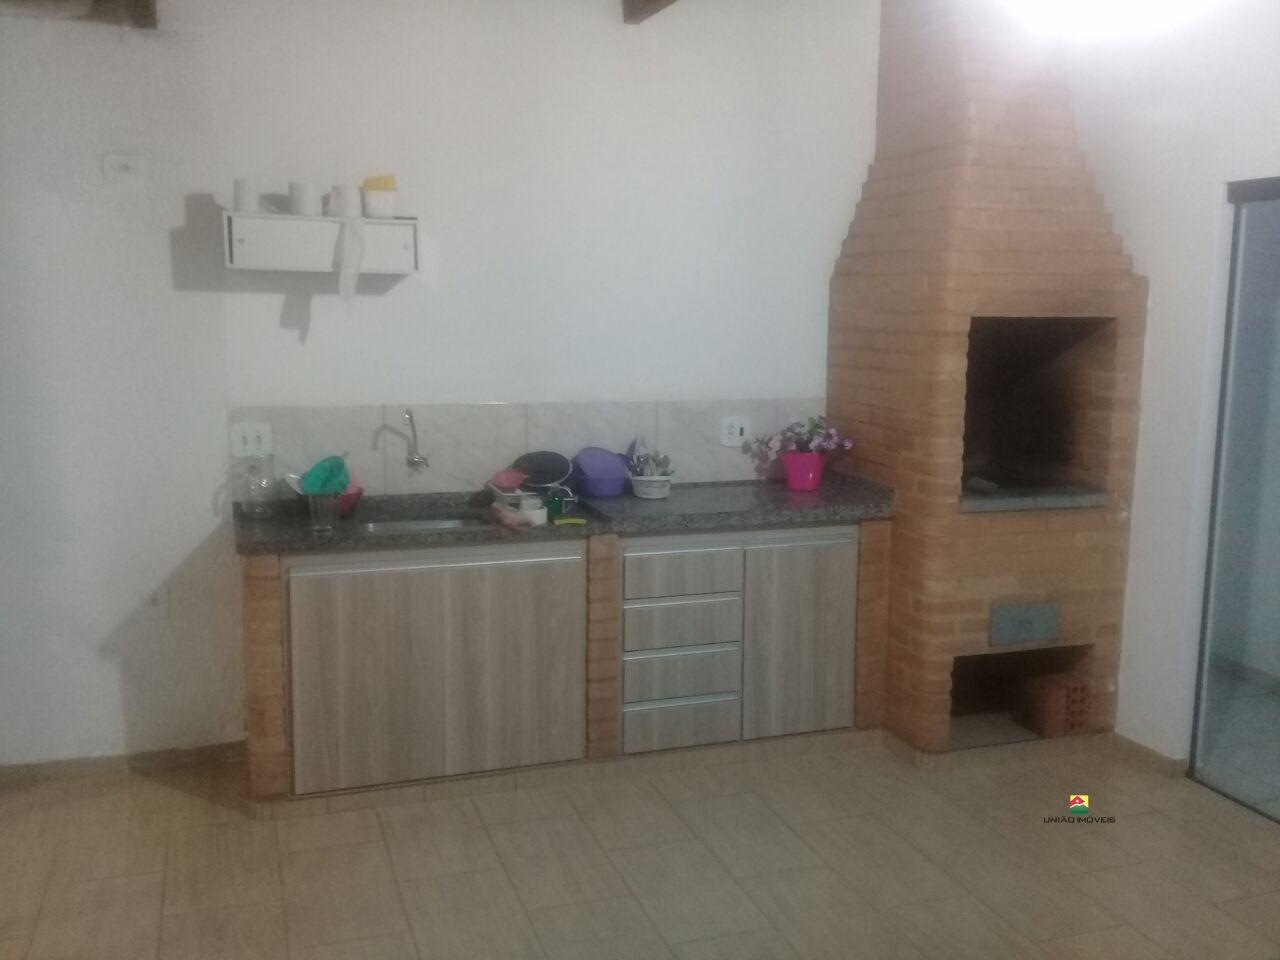 http://www2.sgn2.com.br/clientes/itirapina/vda/v2525a.jpg